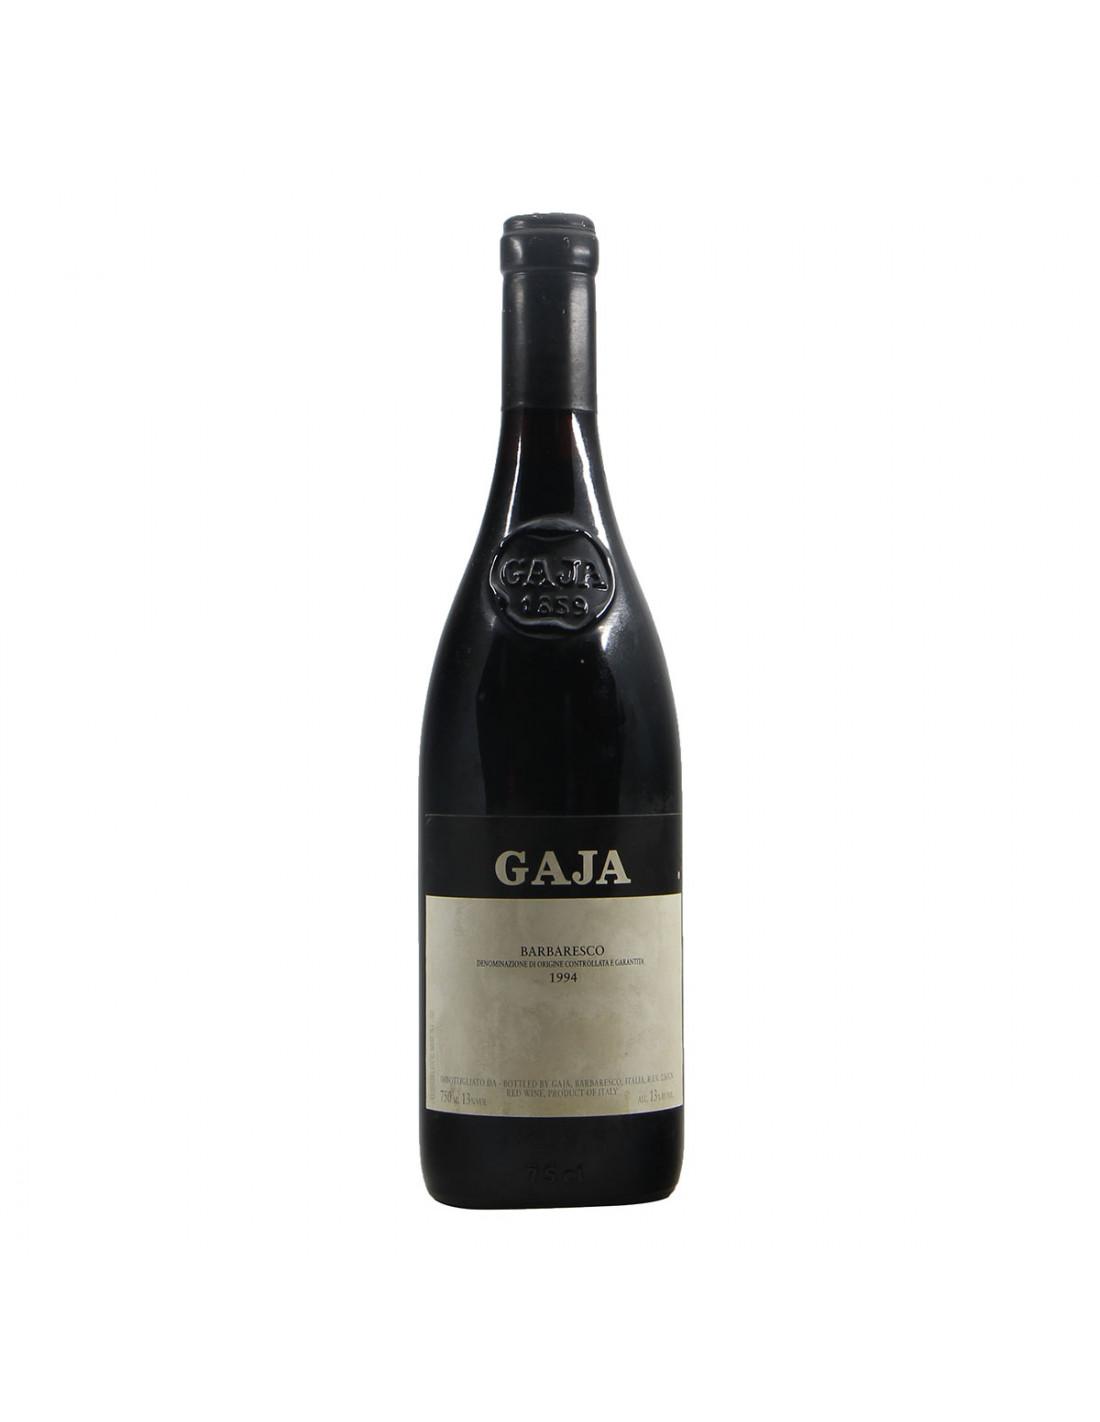 Gaja Barbaresco 1994 Grandi Bottiglie